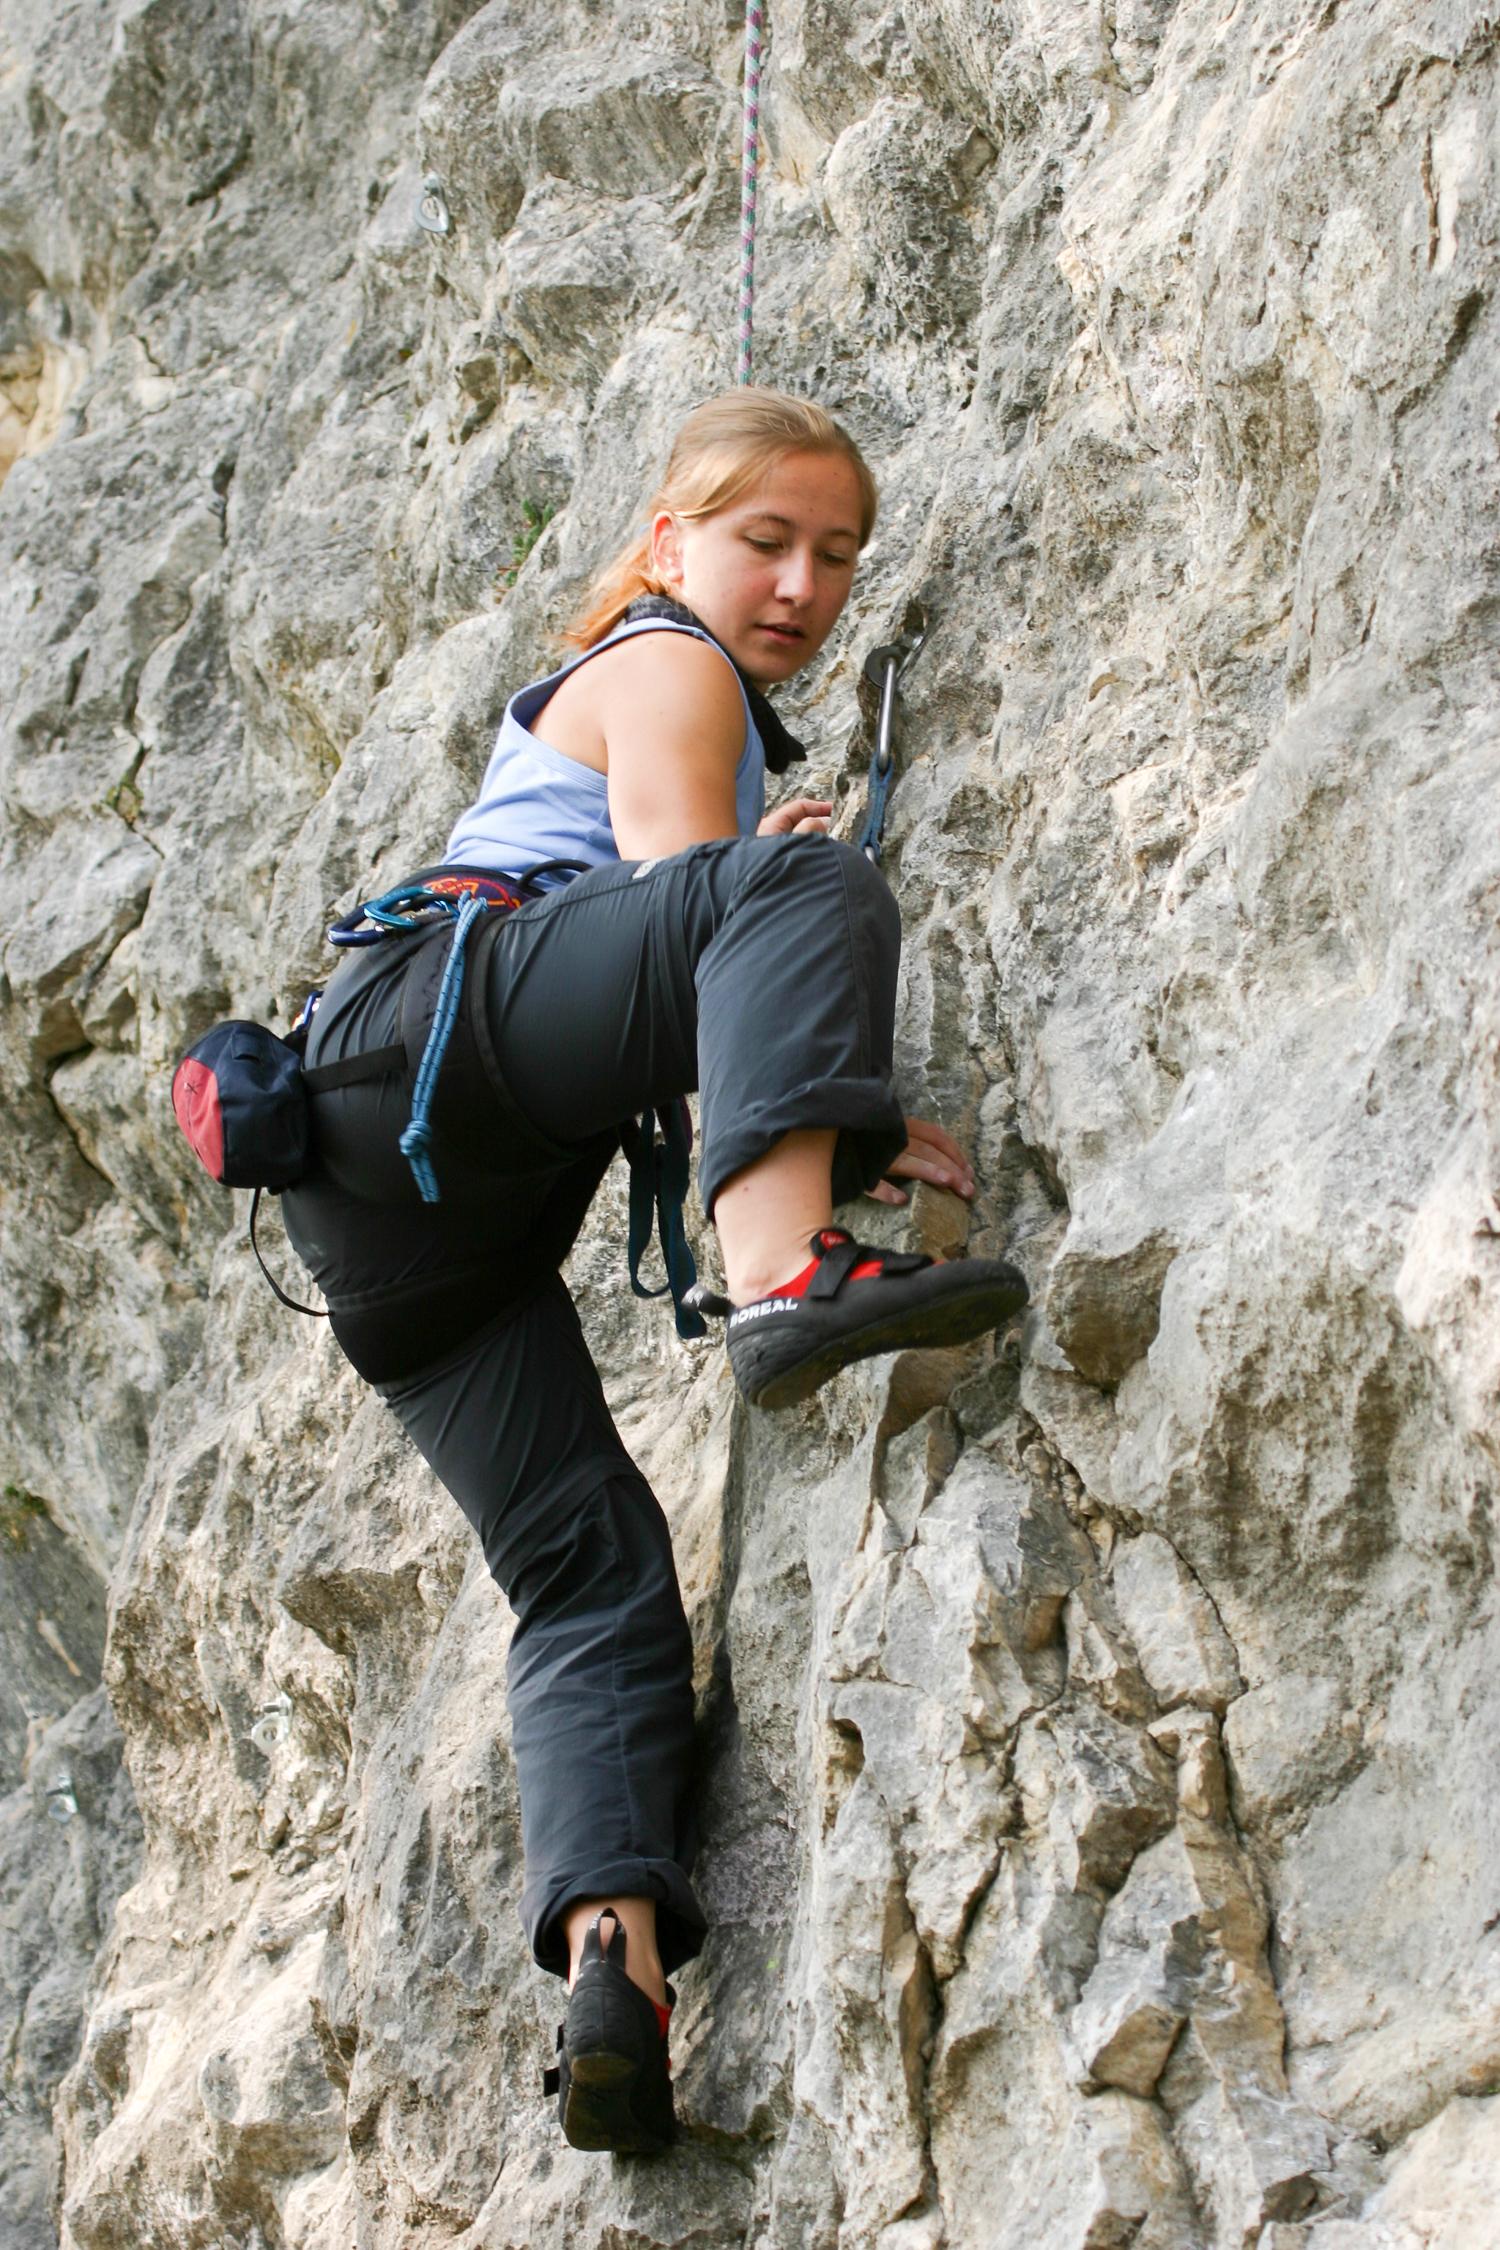 Der oft griffarme, sloperige Fels ist eher untypisch für die Gegend von Arco, bietet aber interessante Moves.